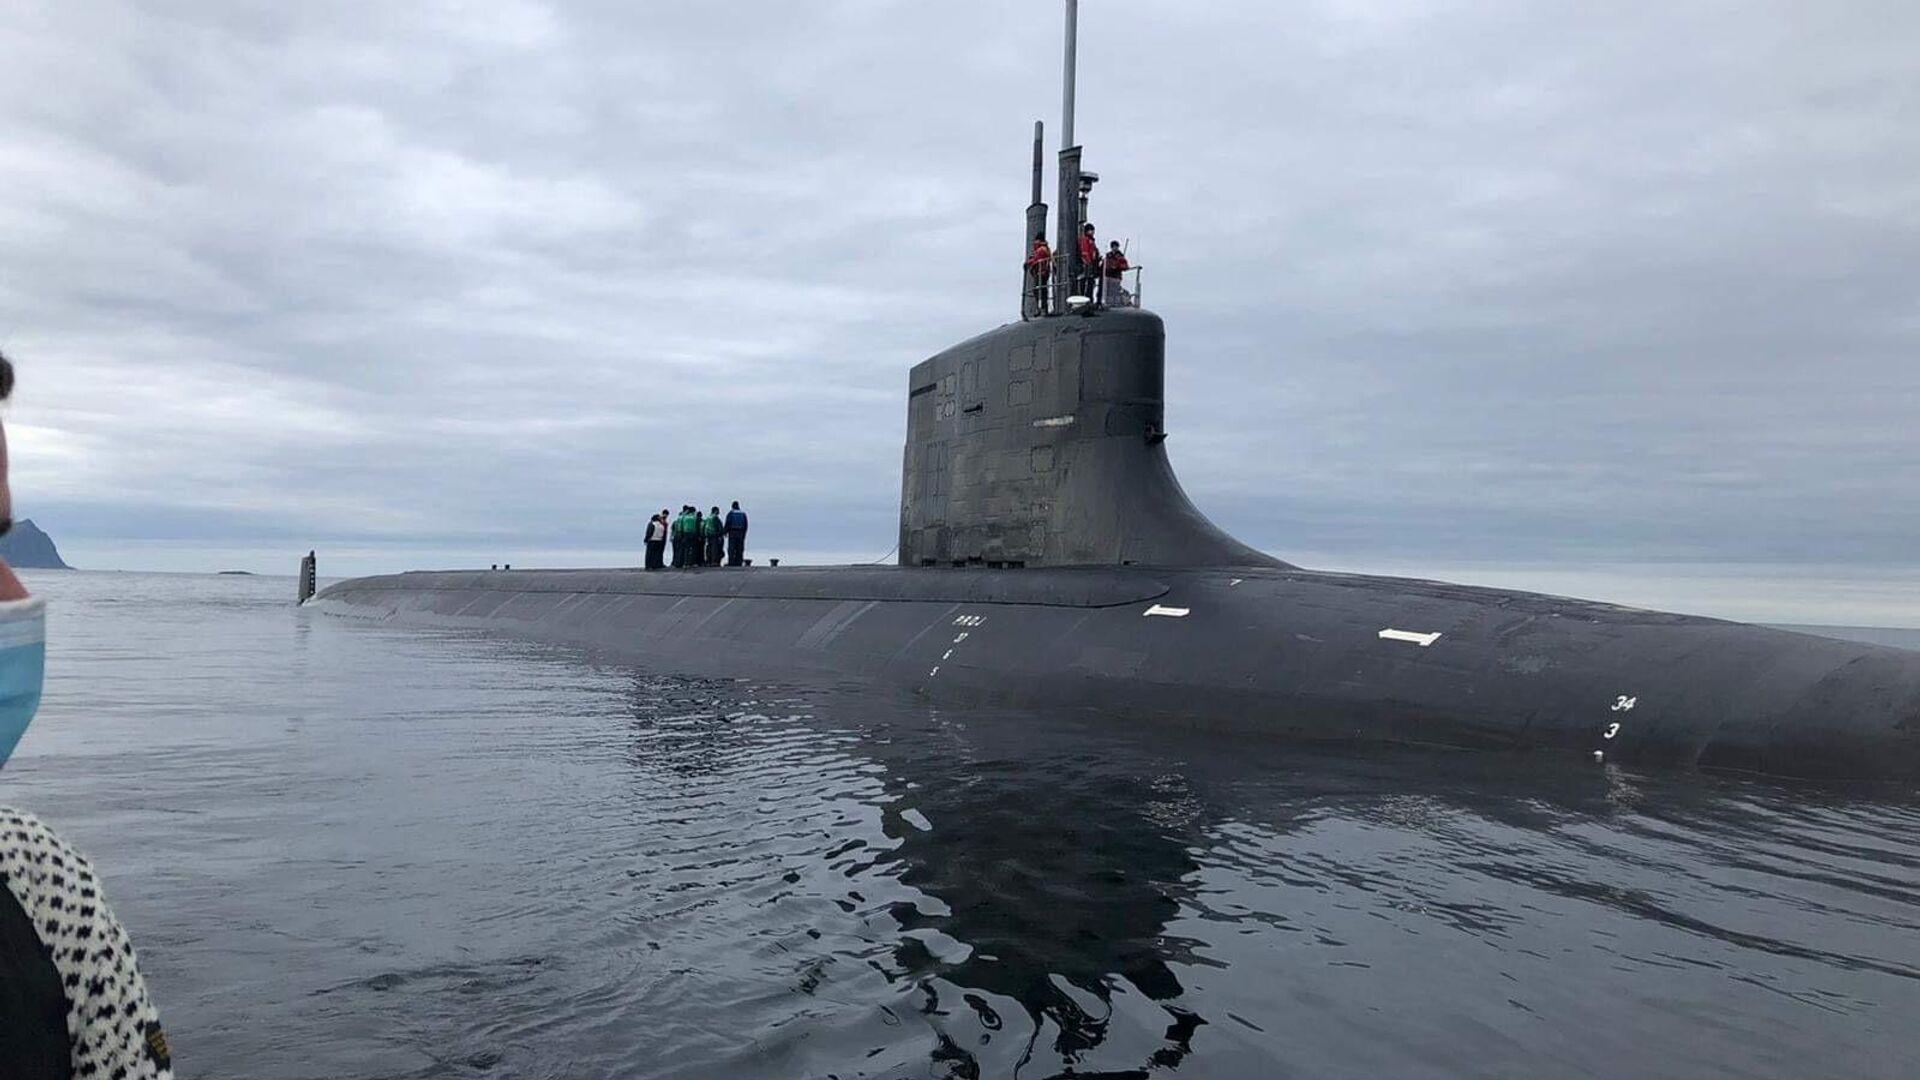 Американская подводная лодка USS Seawolf (SSN 21) в окрестностях Тромсё - РИА Новости, 1920, 02.09.2020